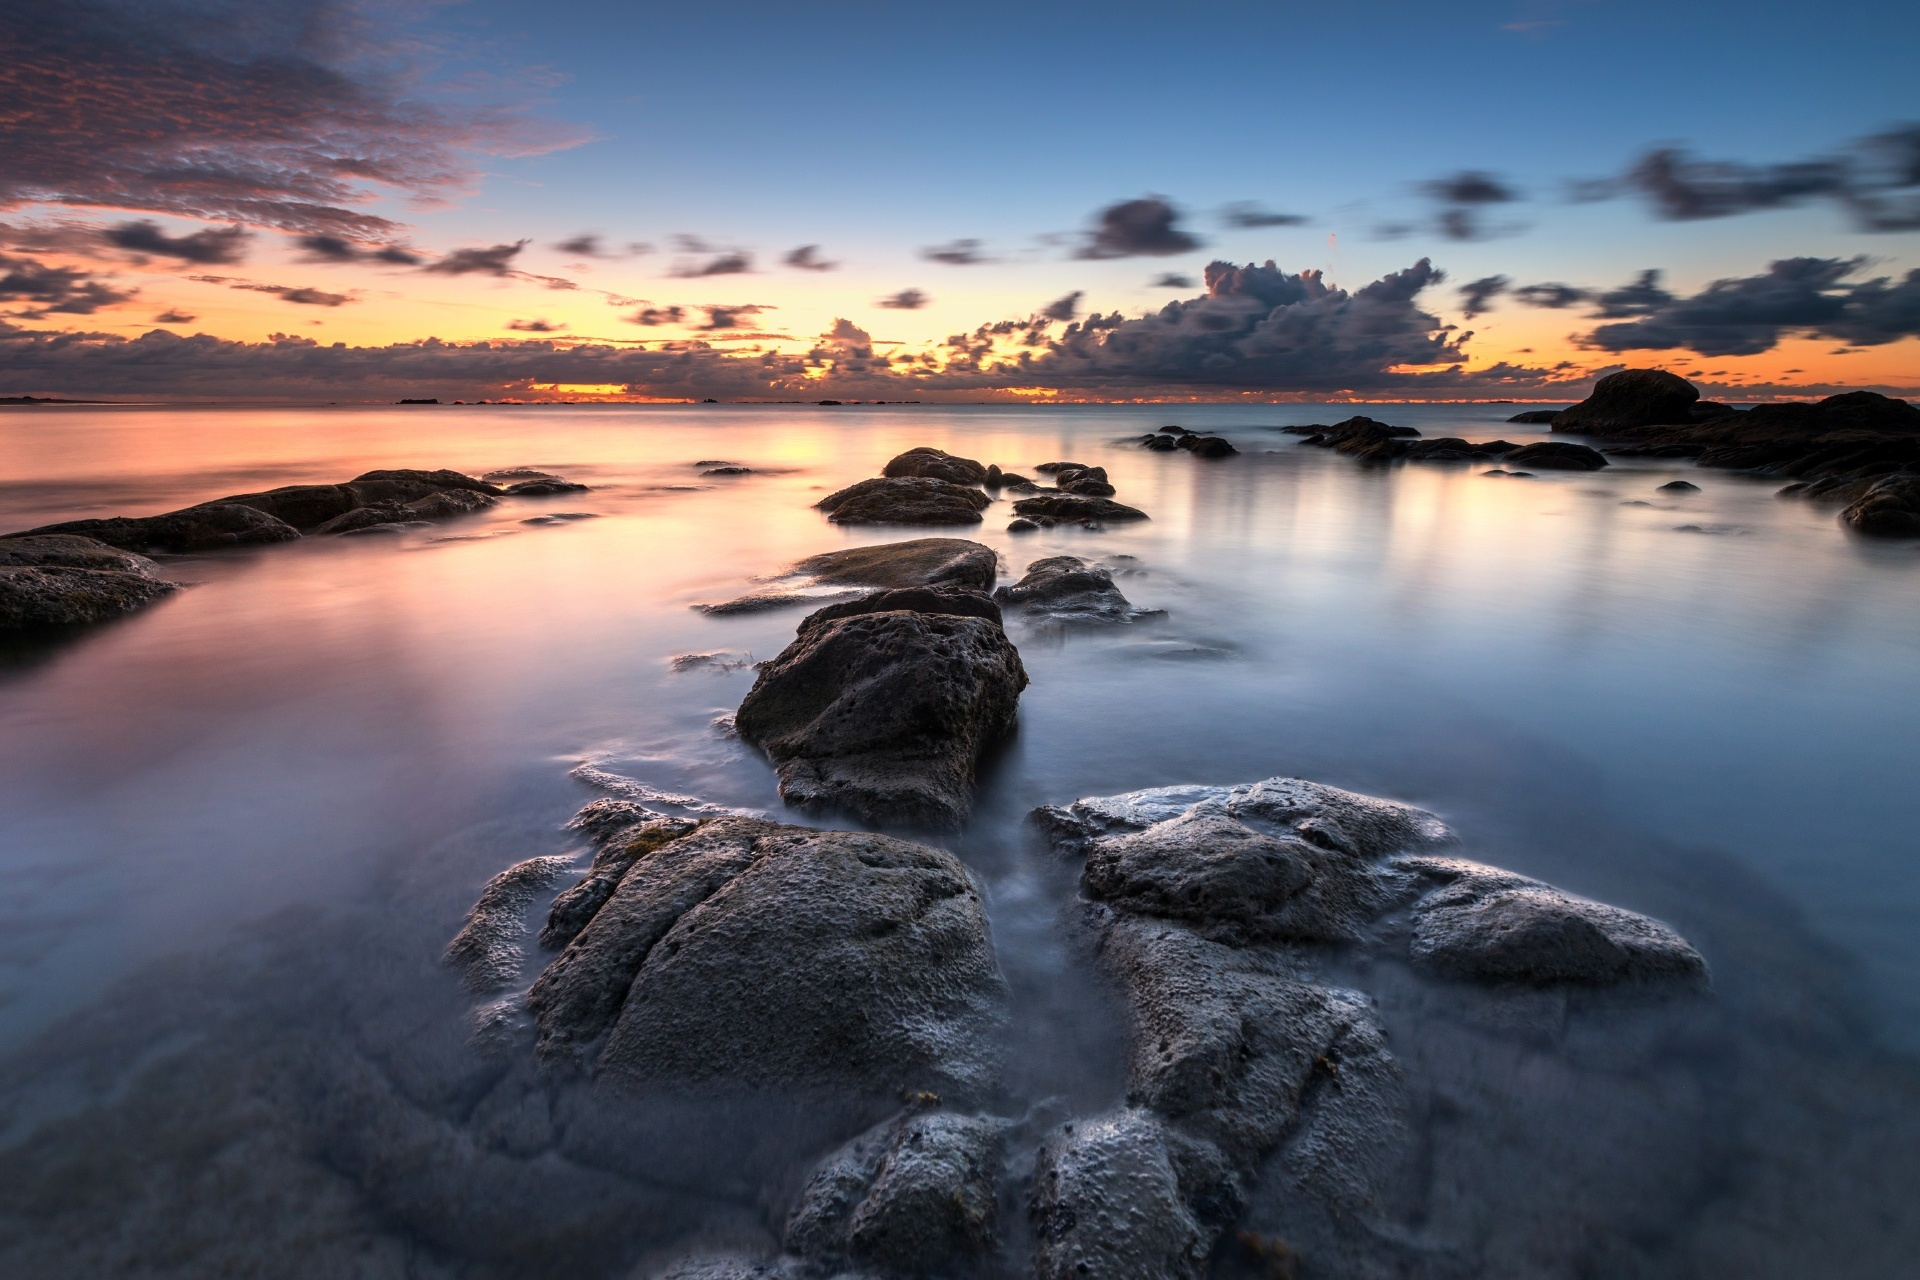 マレーシア サバ州クダッ 日没の海の風景